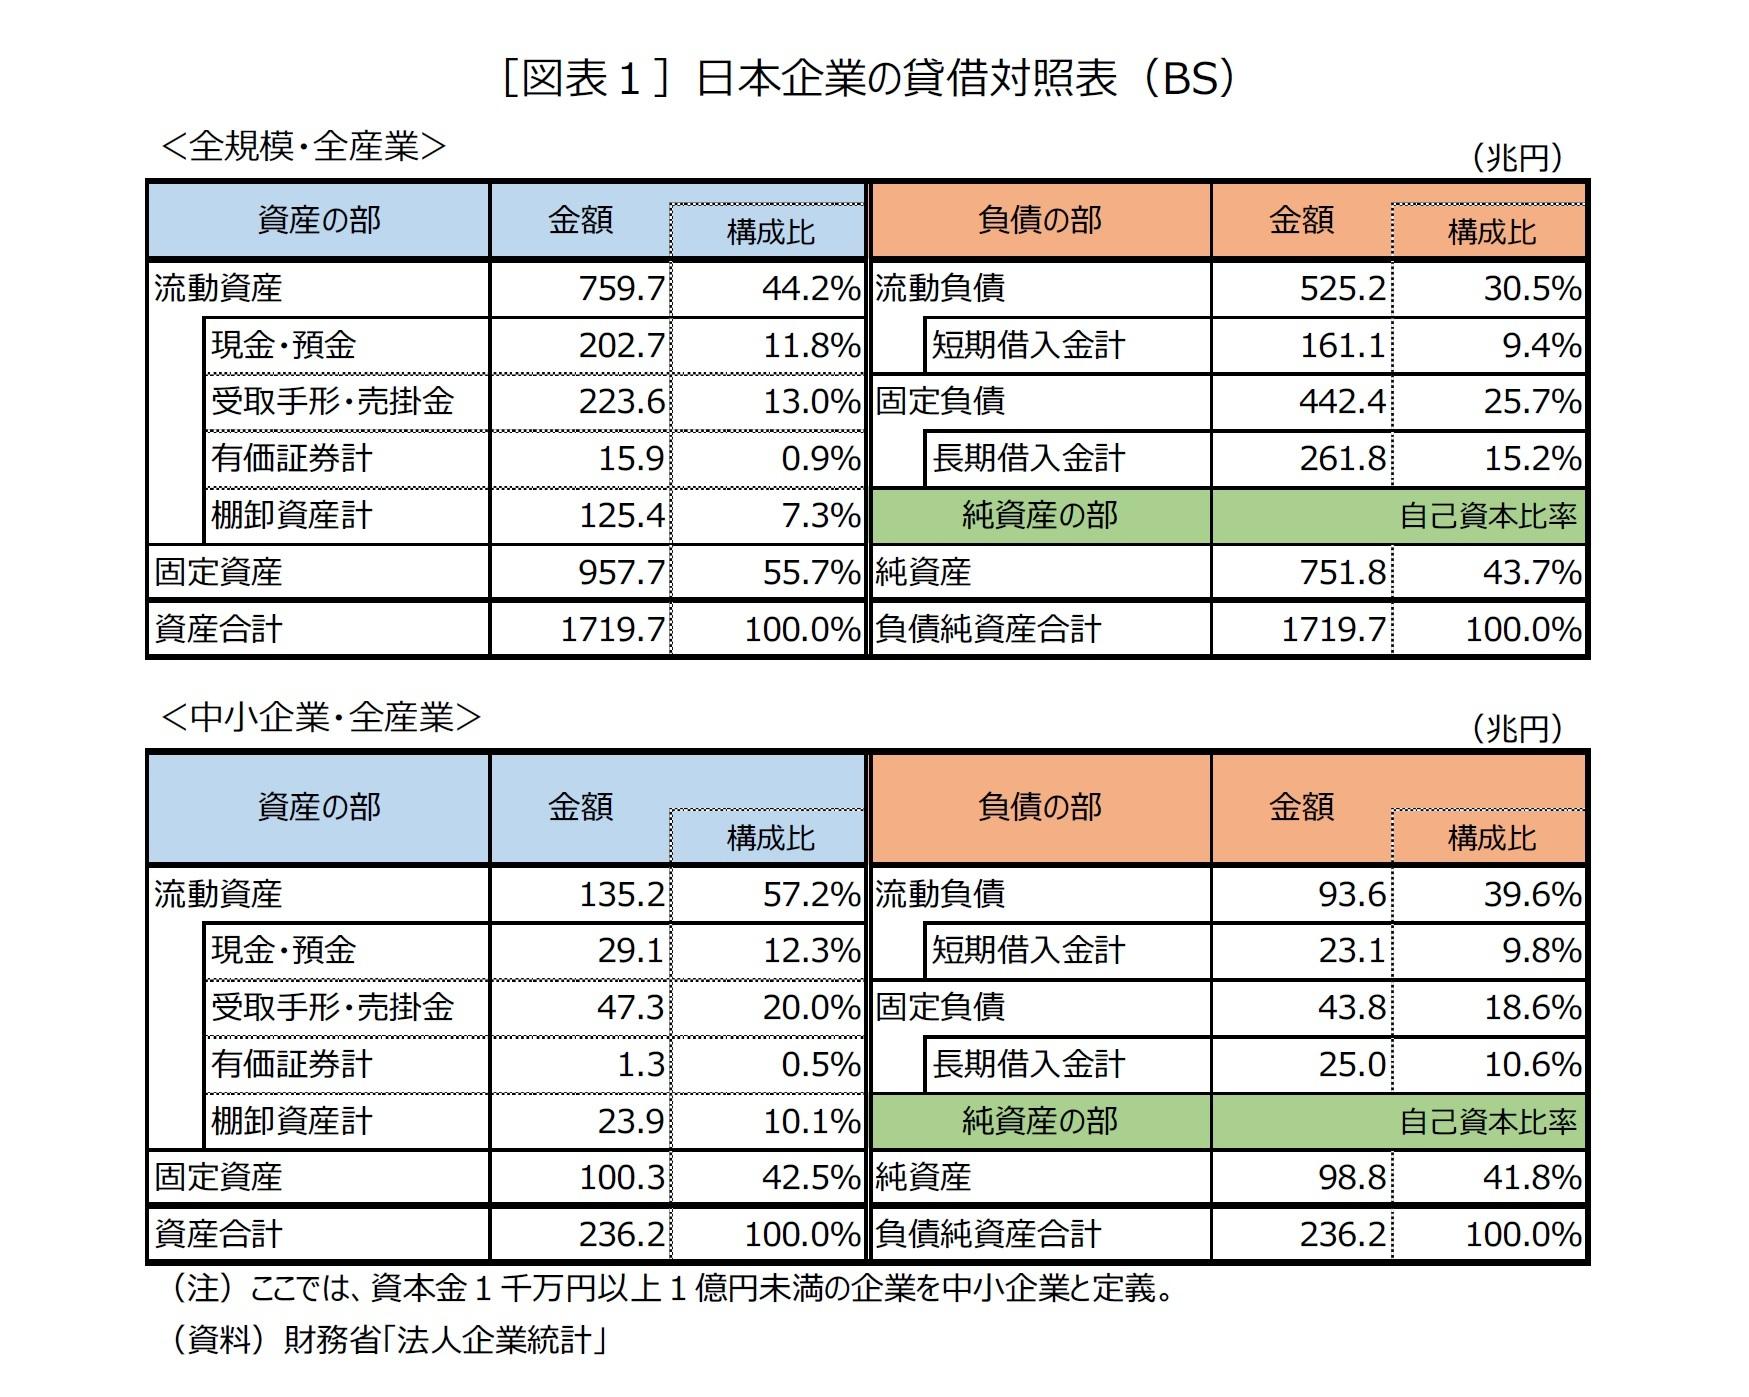 [図表1]日本企業の貸借対照表(BS)